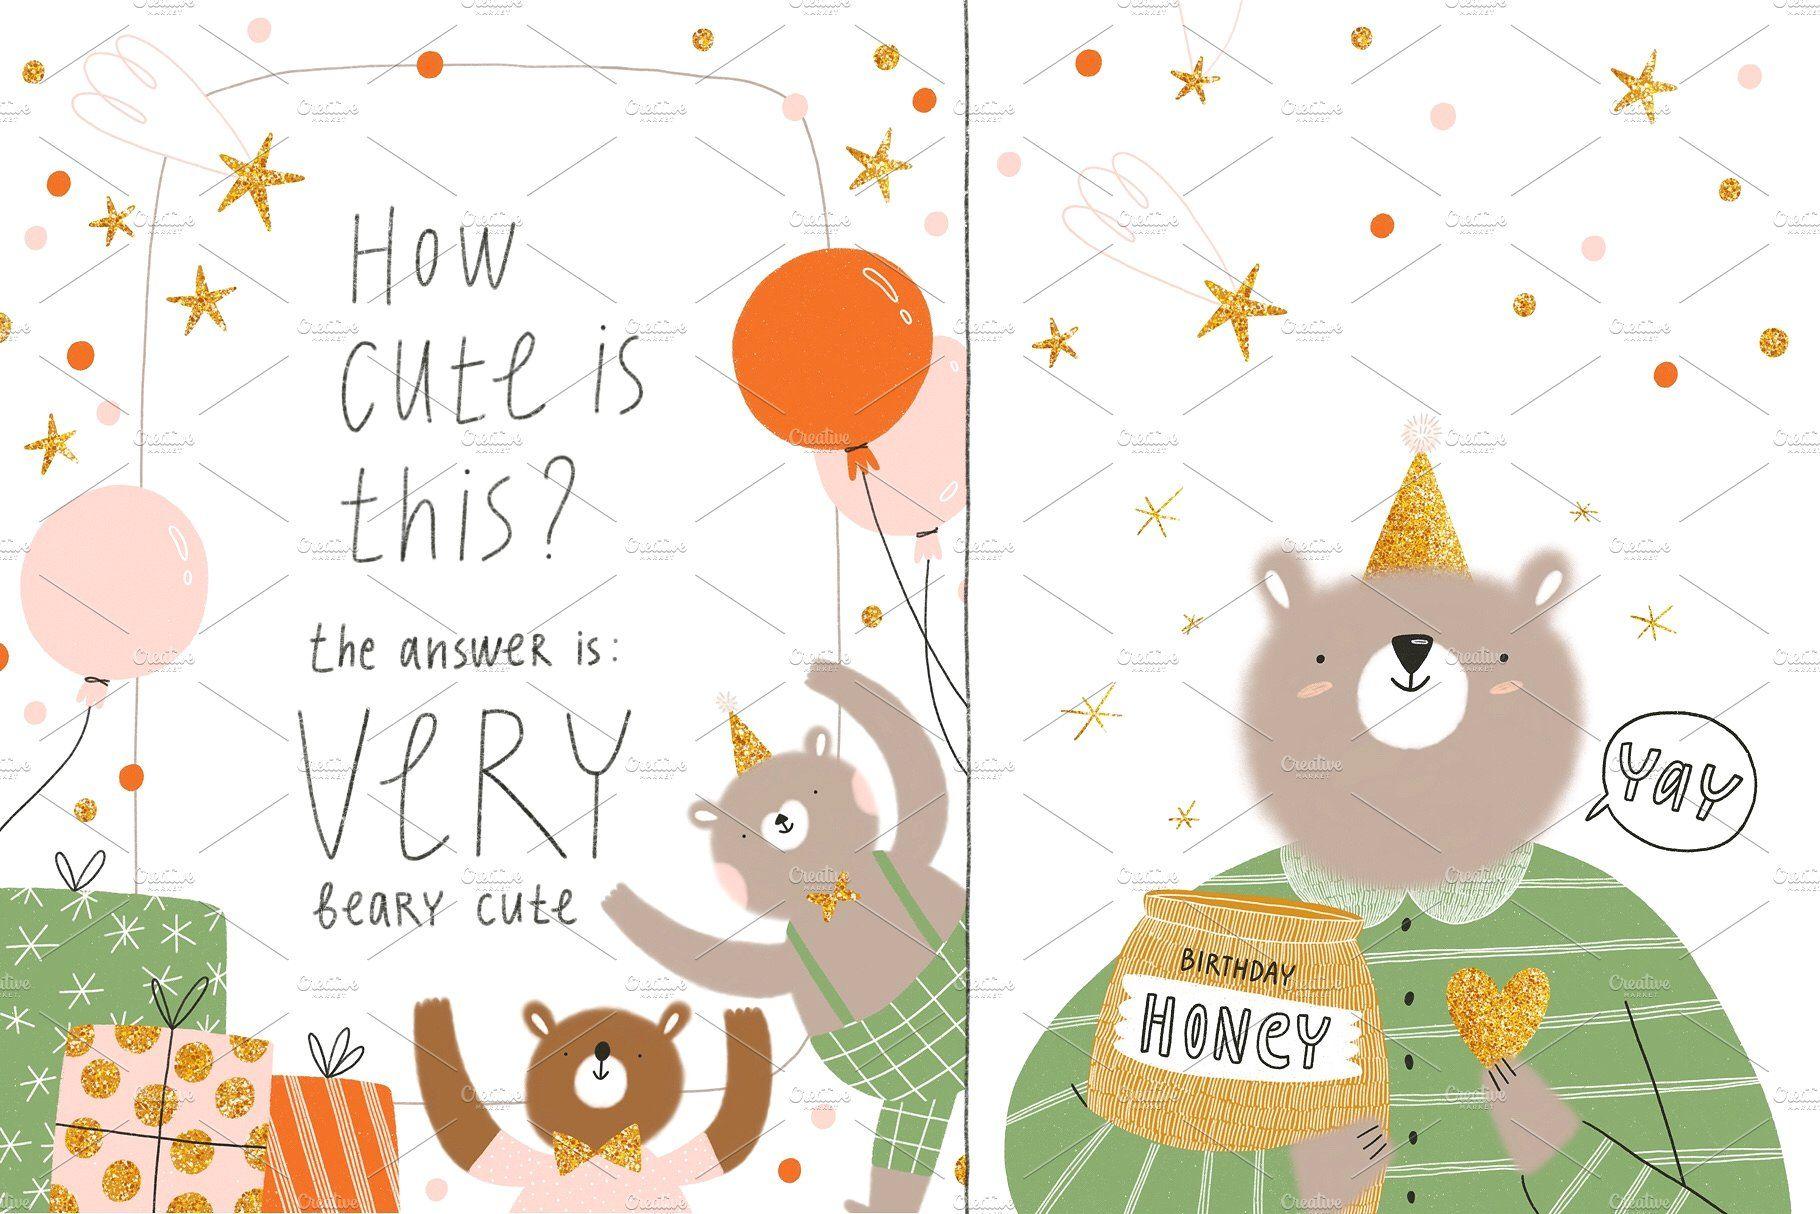 Beary Happy Birthday By Stolenpencil On Creativemarket Happy